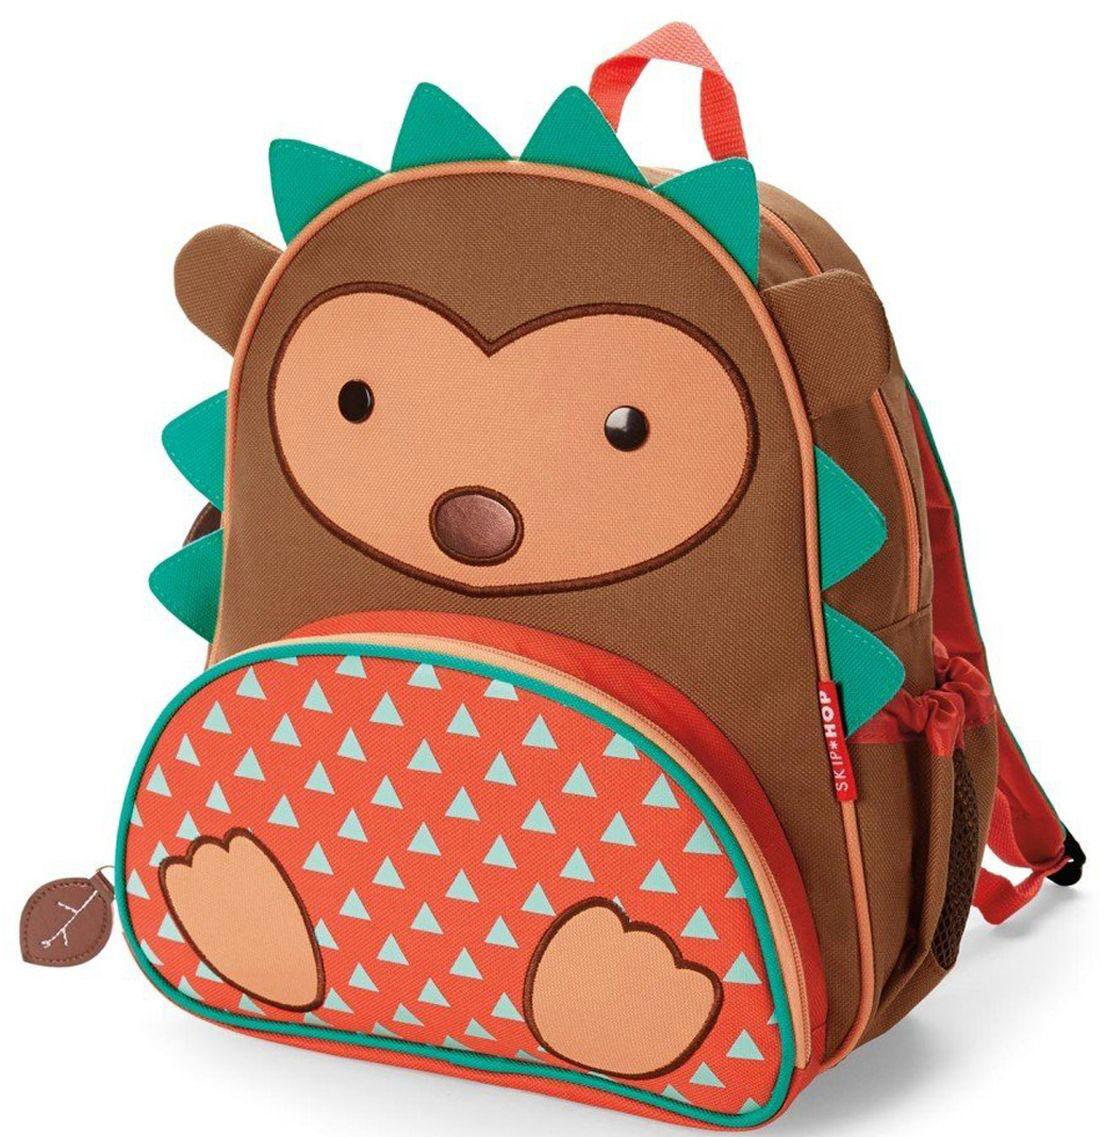 Skip Hop Рюкзак дошкольный Ежик730396Дошкольный рюкзак Skip Hop каждый день будет радовать вашего малыша, вызывать улыбки у прохожих и зависть у сверстников. С ним можно ходить в детский сад, на прогулку, в гости к бабушке или ездить на экскурсии.Рюкзак имеет одно основное отделение на застежке-молнии, в которое легко поместятся книжка, альбом для рисования, краски, фломастеры, любимая игрушка и контейнер с едой, а кармашек сбоку предназначен специально для бутылочки с водой. Передний карман на молнии предназначен для мелких вещей.Рюкзак оснащен ручкой для переноски в руках и лямками регулируемой длины.